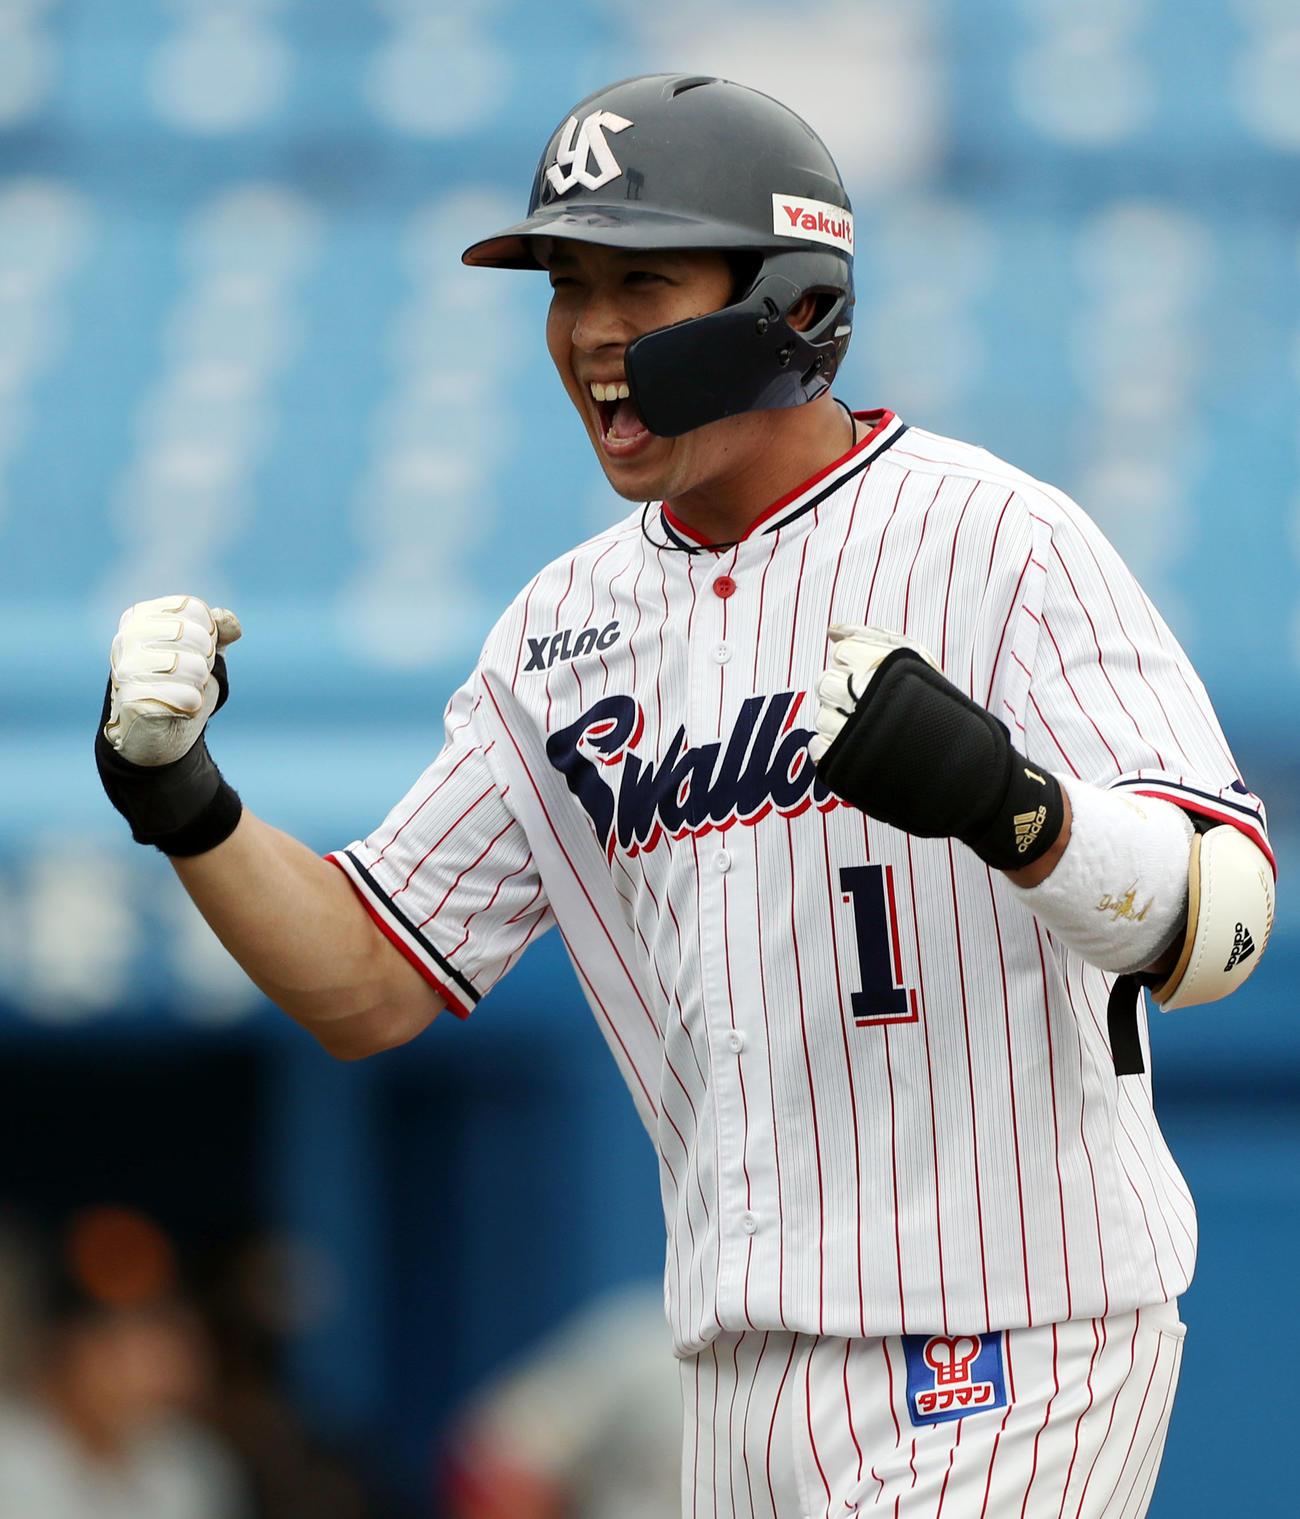 満塁本塁打を放ち、ガッツポーズでほえる山田哲人(2020年6月27日撮影)